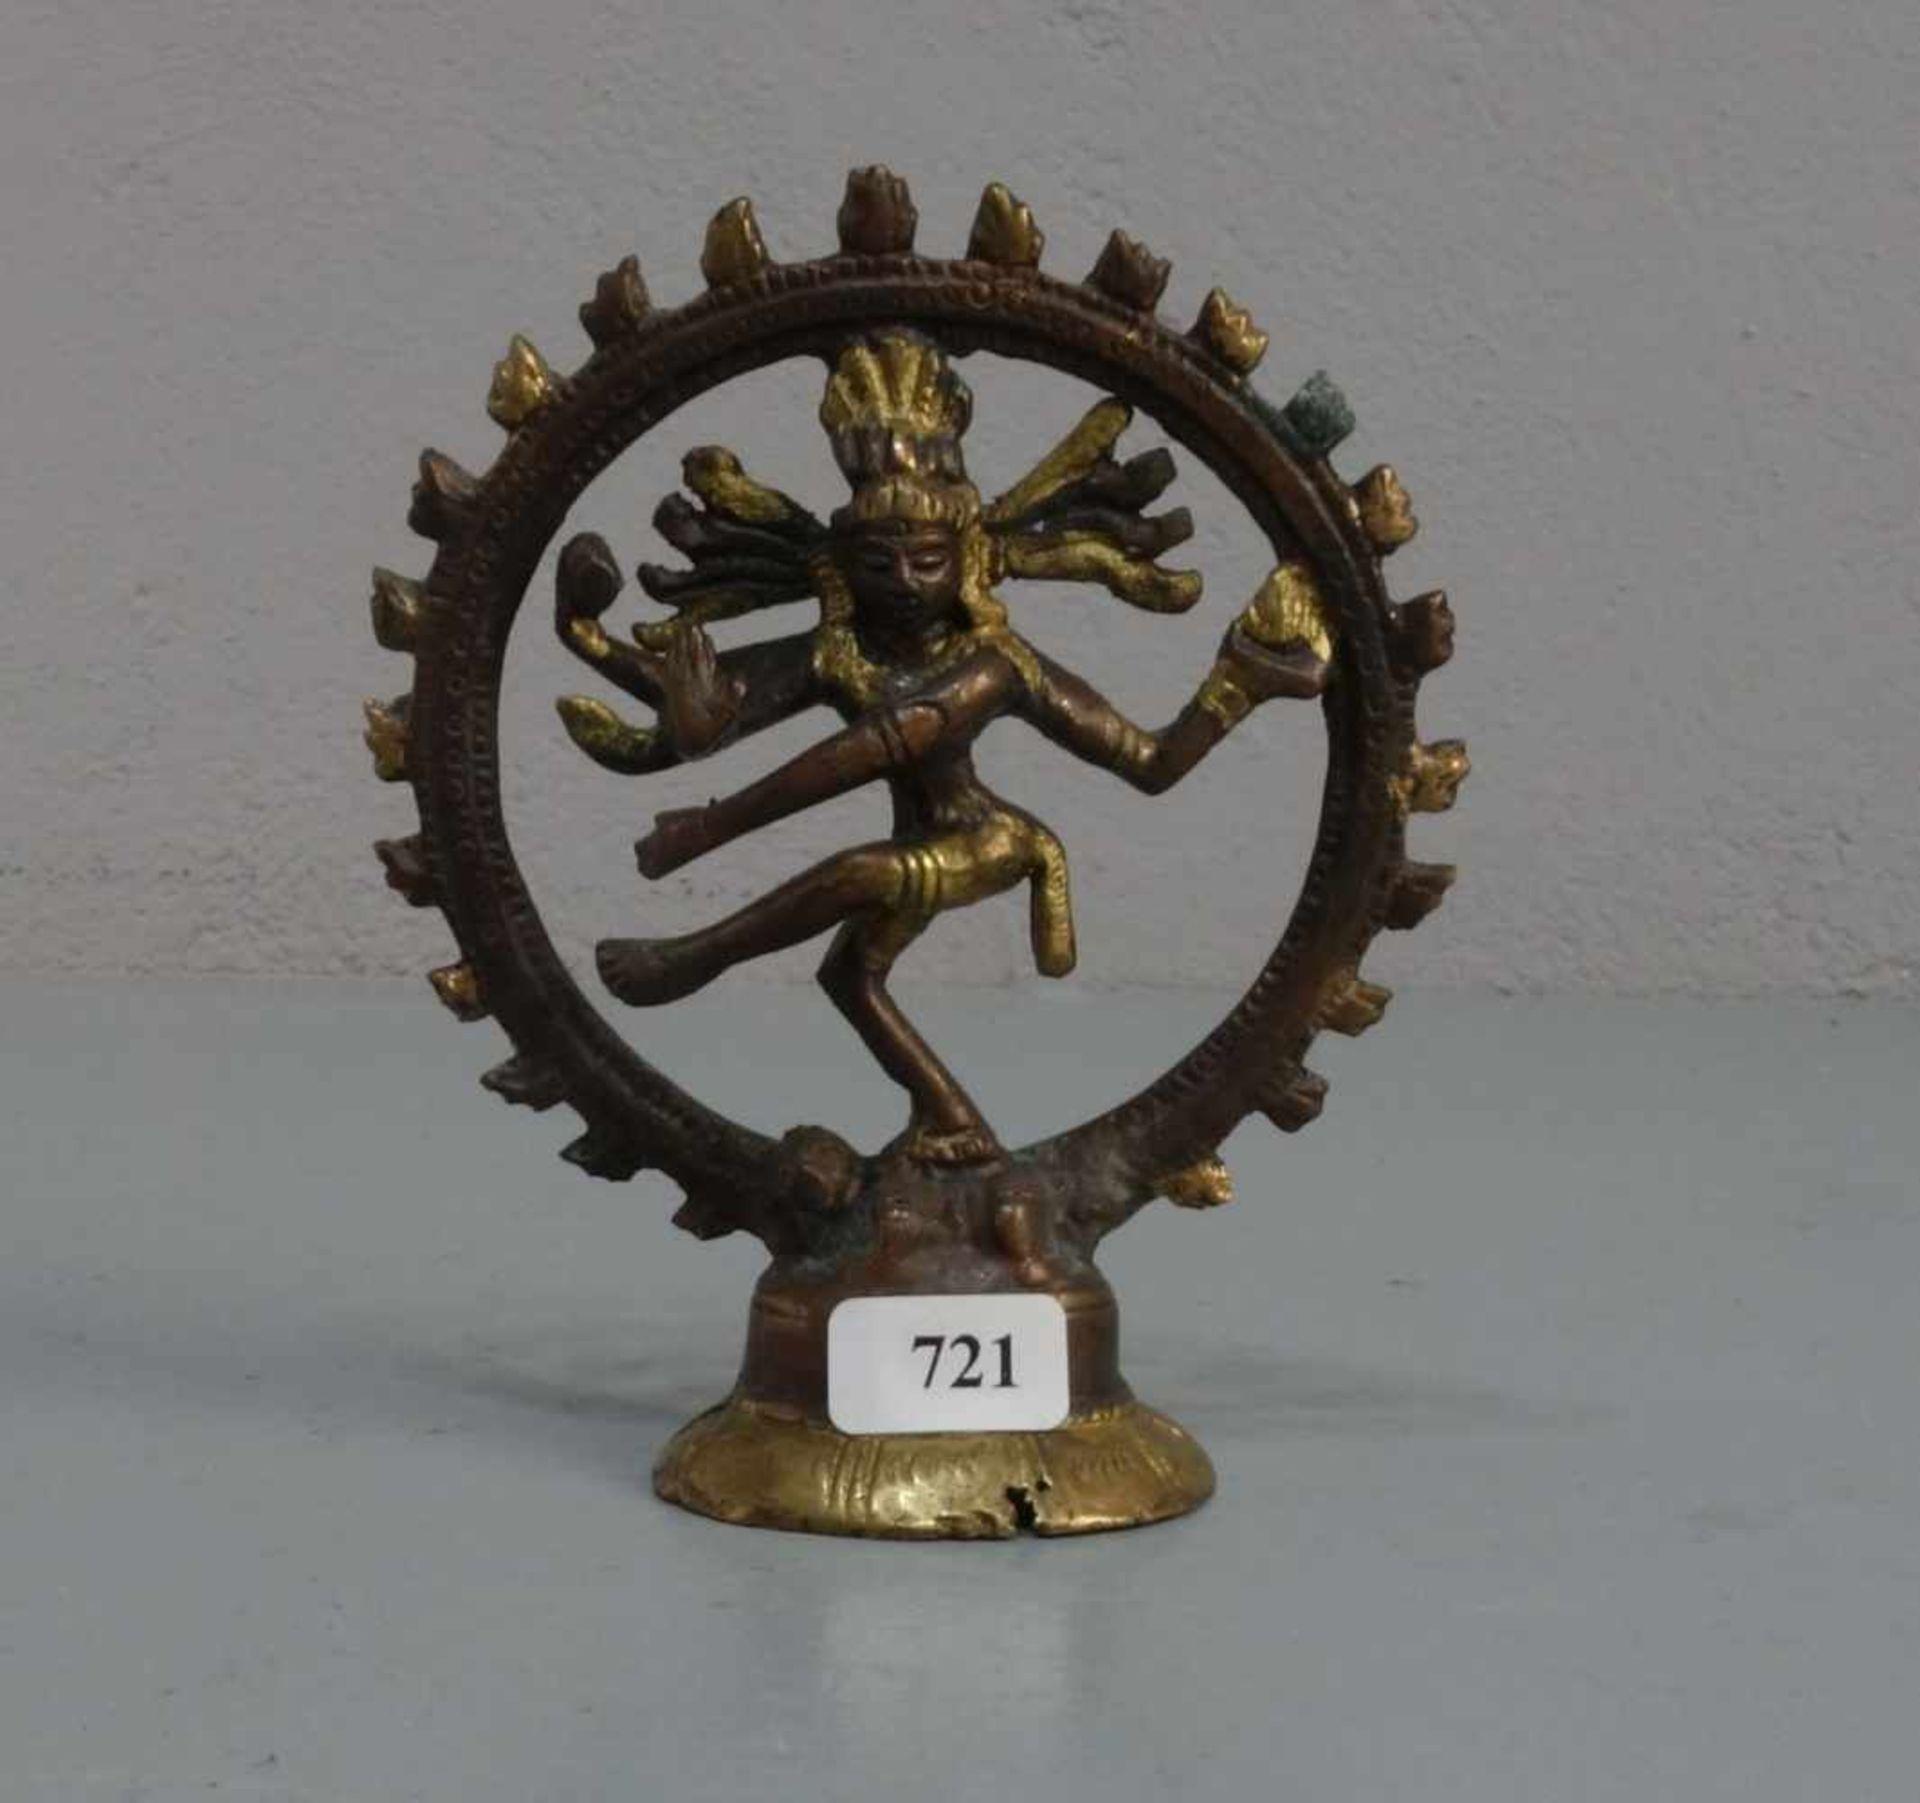 """Los 721 - SKULPTUR / sculpture: """"Shiva"""", Indonesien, Bronze, hellbraun patiniert und goldfarben..."""